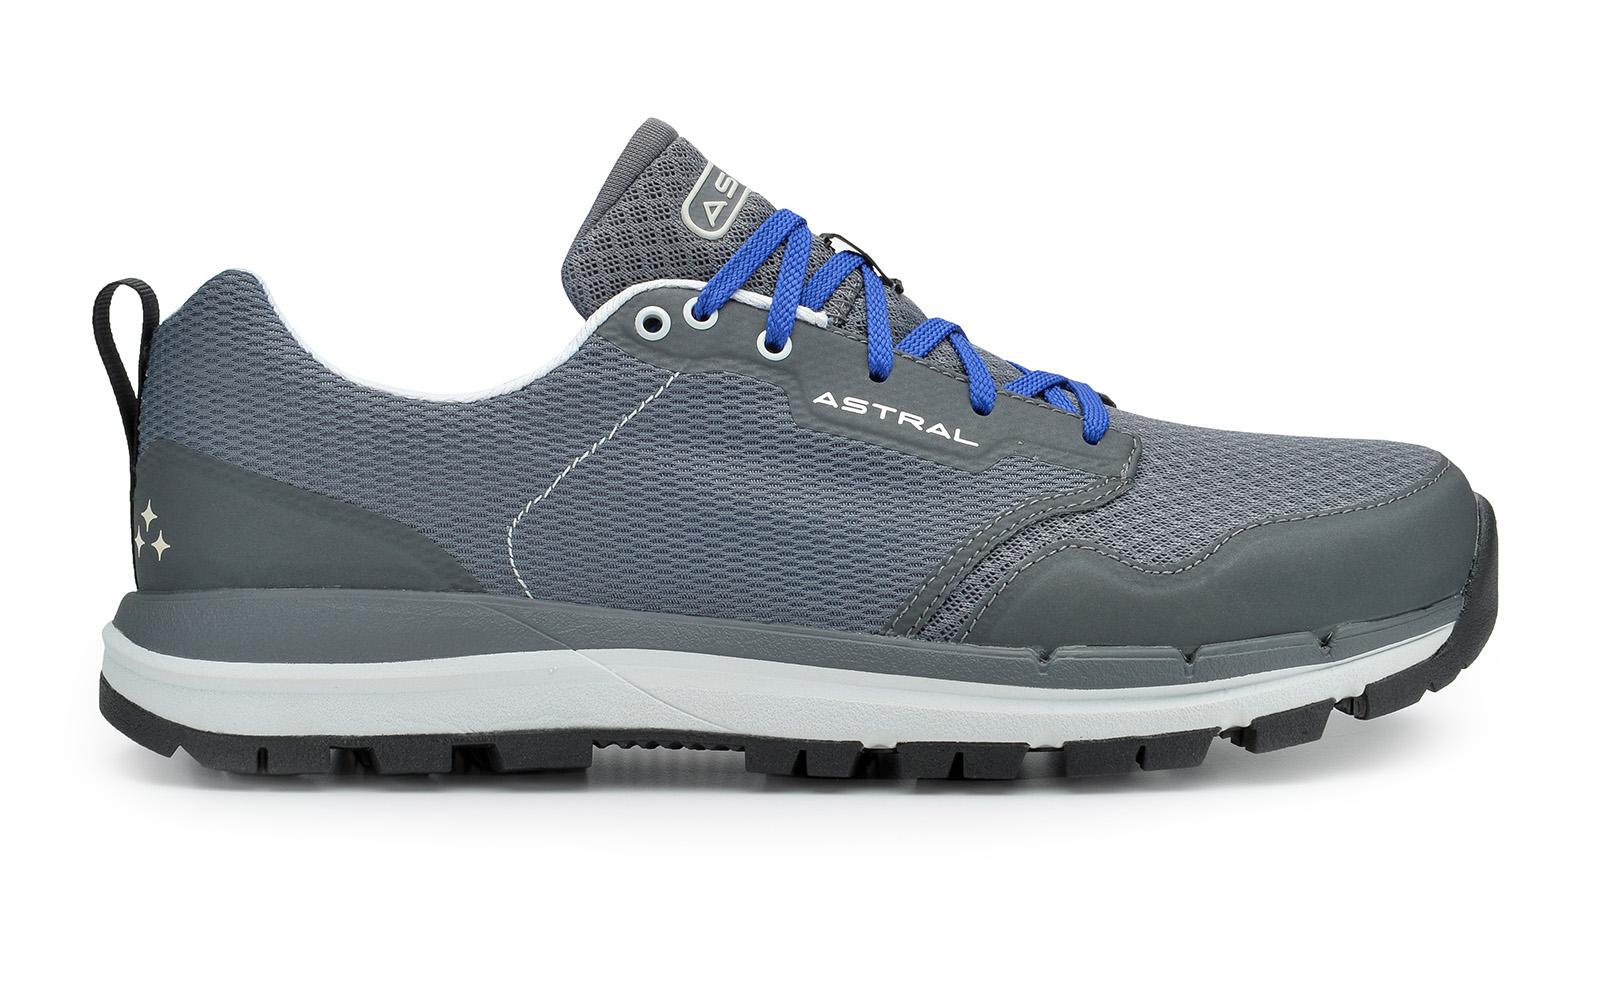 9507bb7c98c9 TR1 Mesh Best Men s Water Shoes